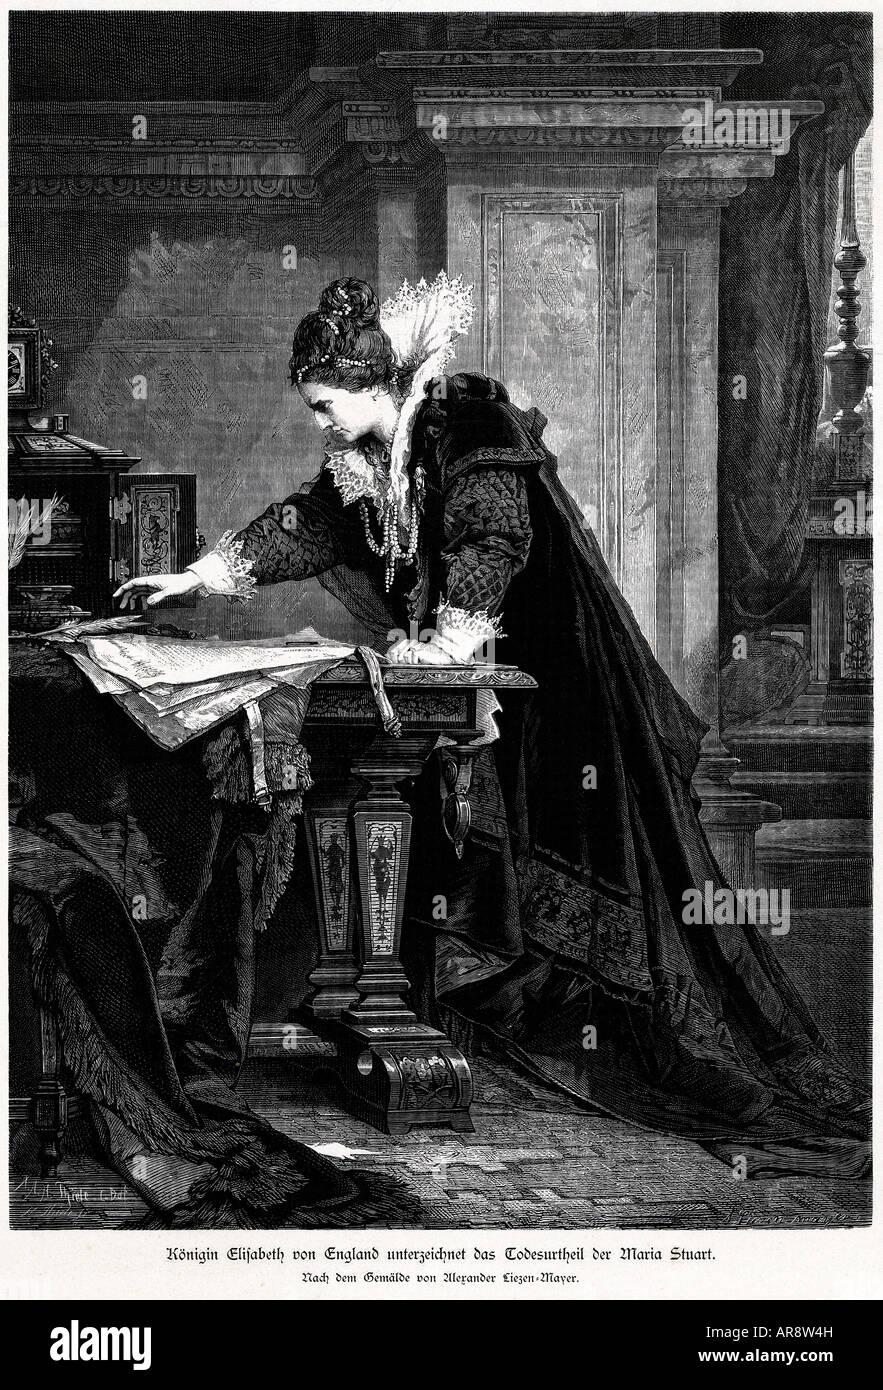 königin elisabeth von england